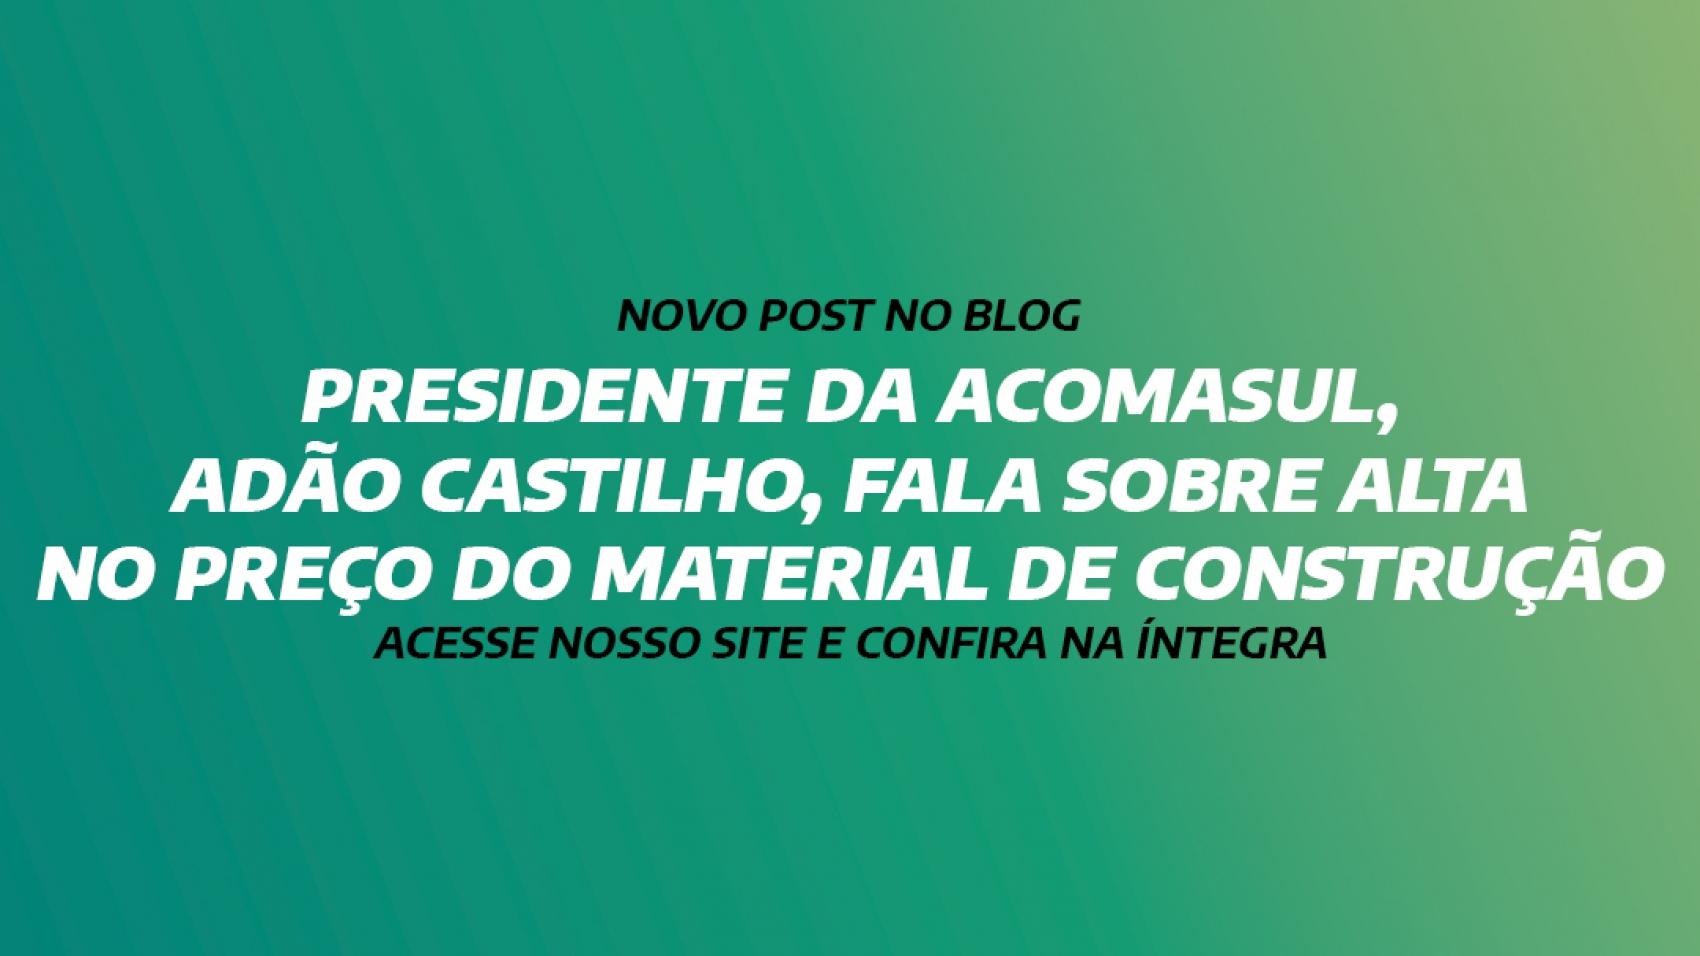 TV MORENA ENTREVISTA PRESIDENTE DA ACOMASUL, ADÃO CASTILHO, PARA FALAR DE ALTA NO PREÇO DO MATERIAL DE CONSTRUÇÃO